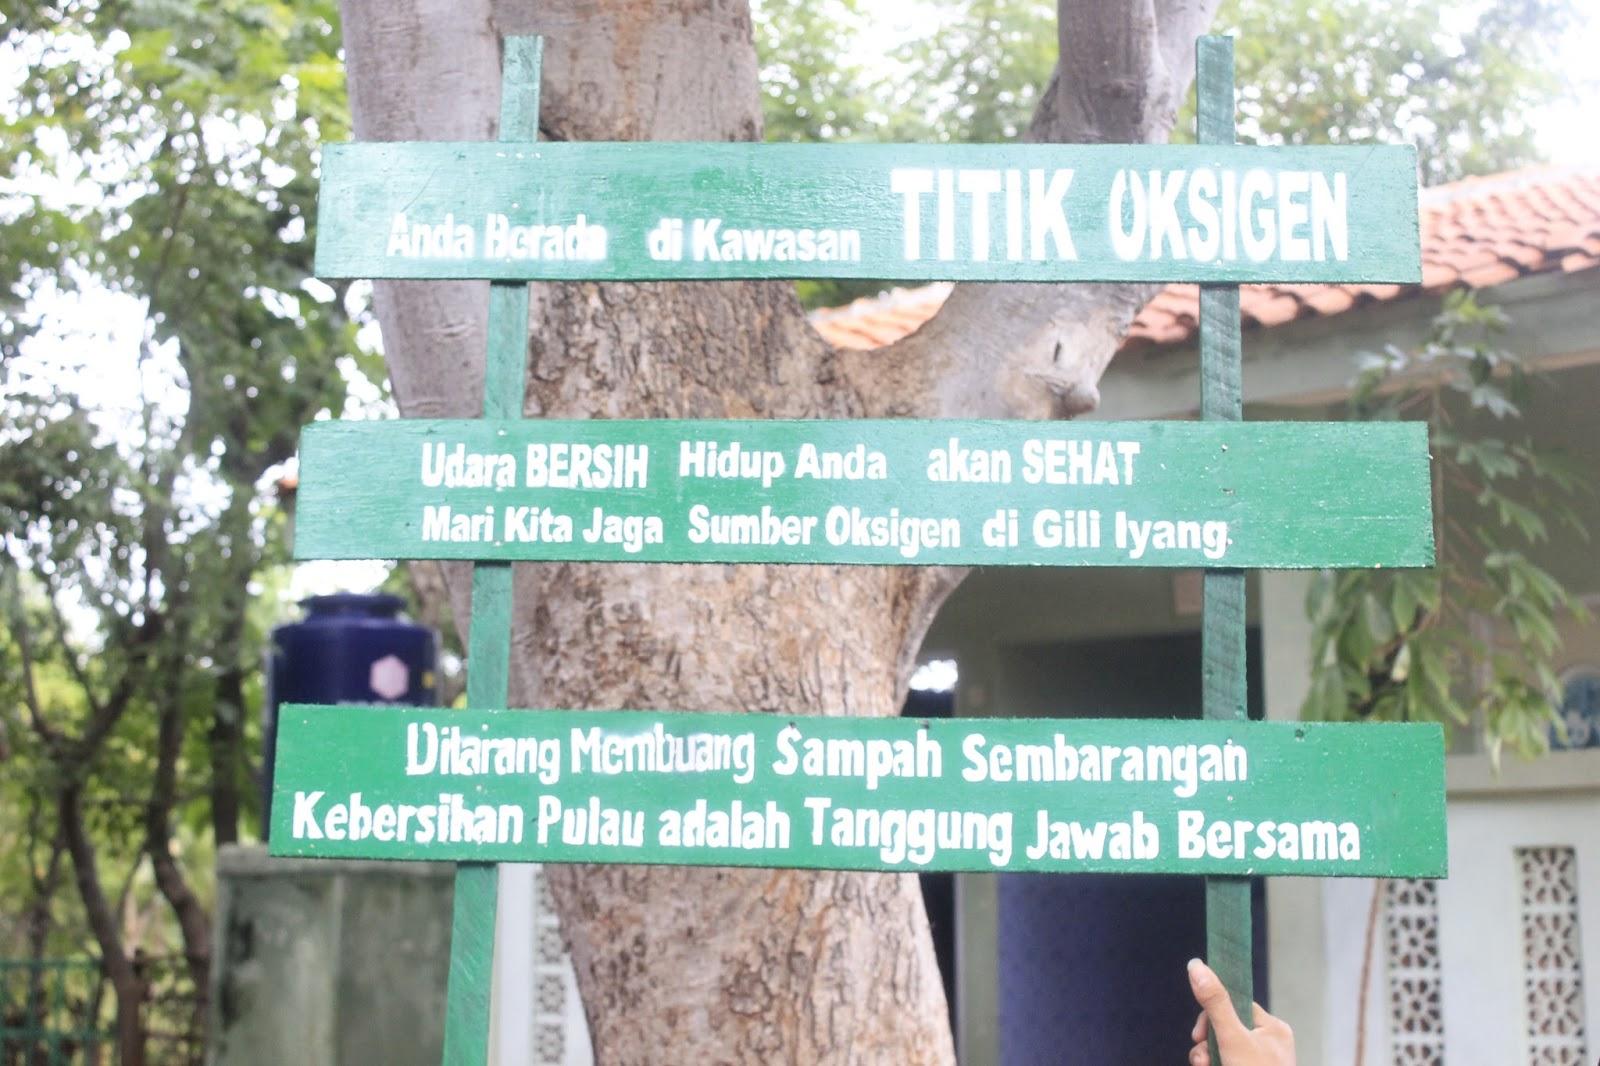 Destinasi Wisata Desa Bancamara Wisatawan Mengunjungi Gili Iyang Demi Menikmati